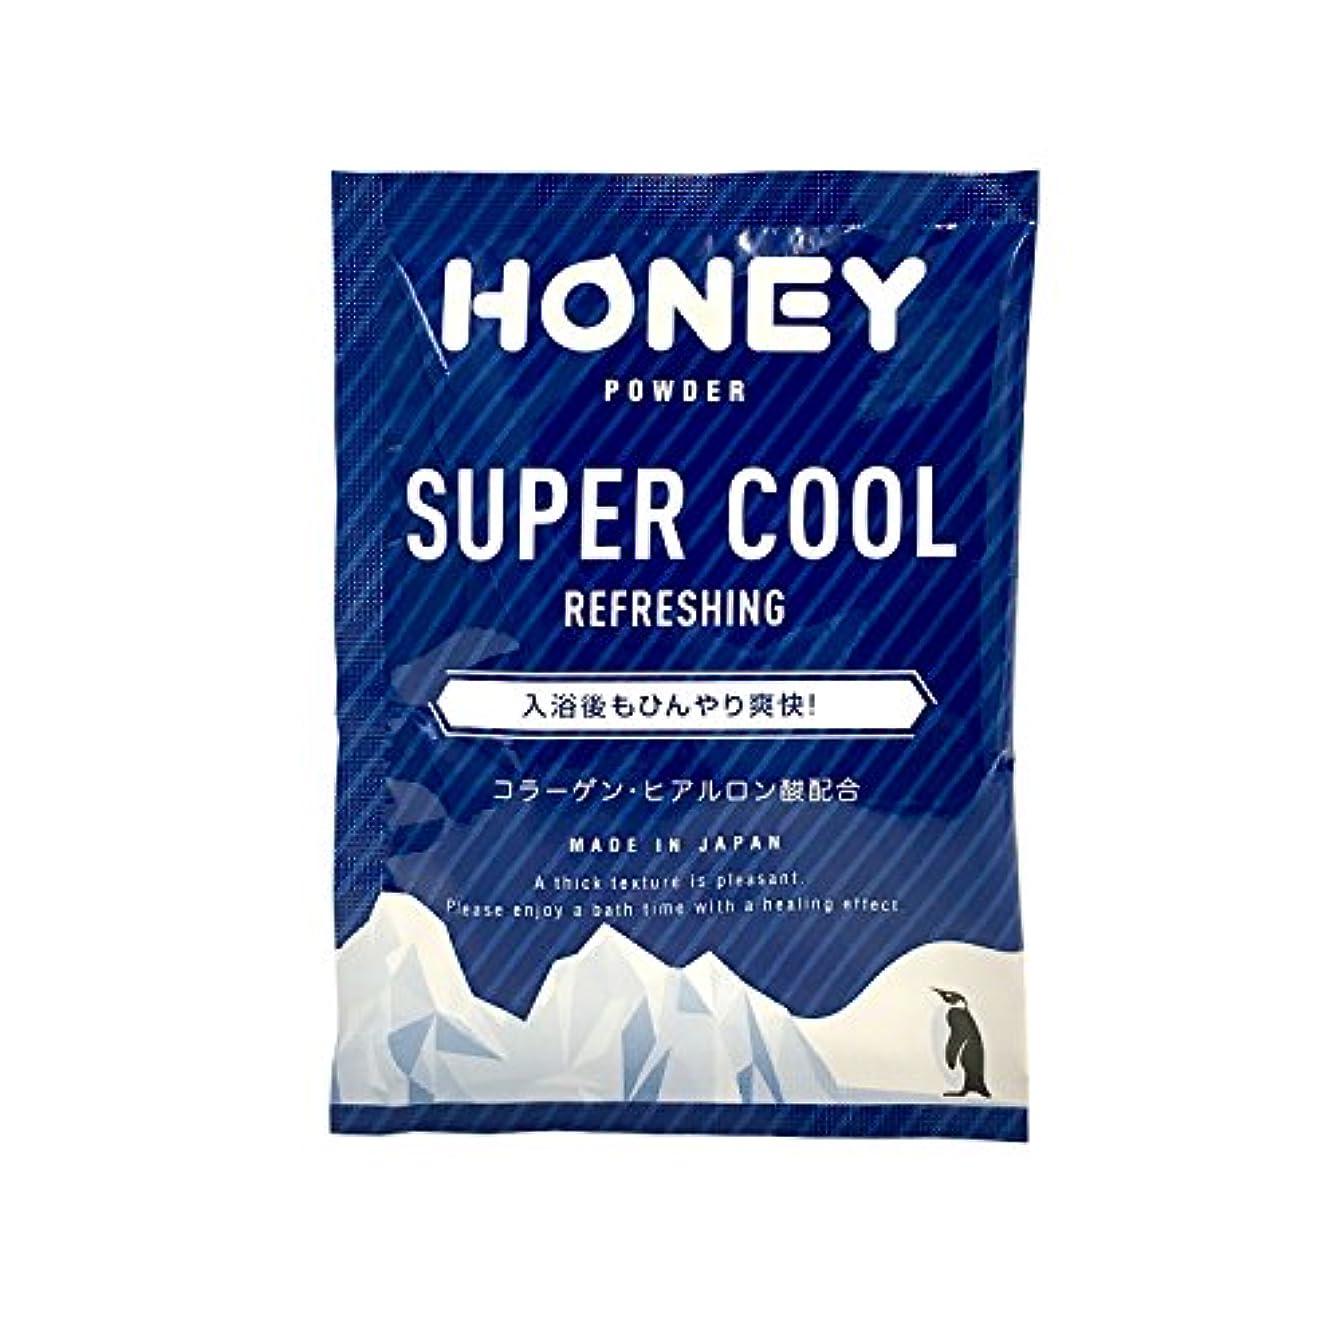 年齢その後寛容なとろとろ入浴剤【honey powder】(ハニーパウダー) スーパークール 粉末タイプ ローション